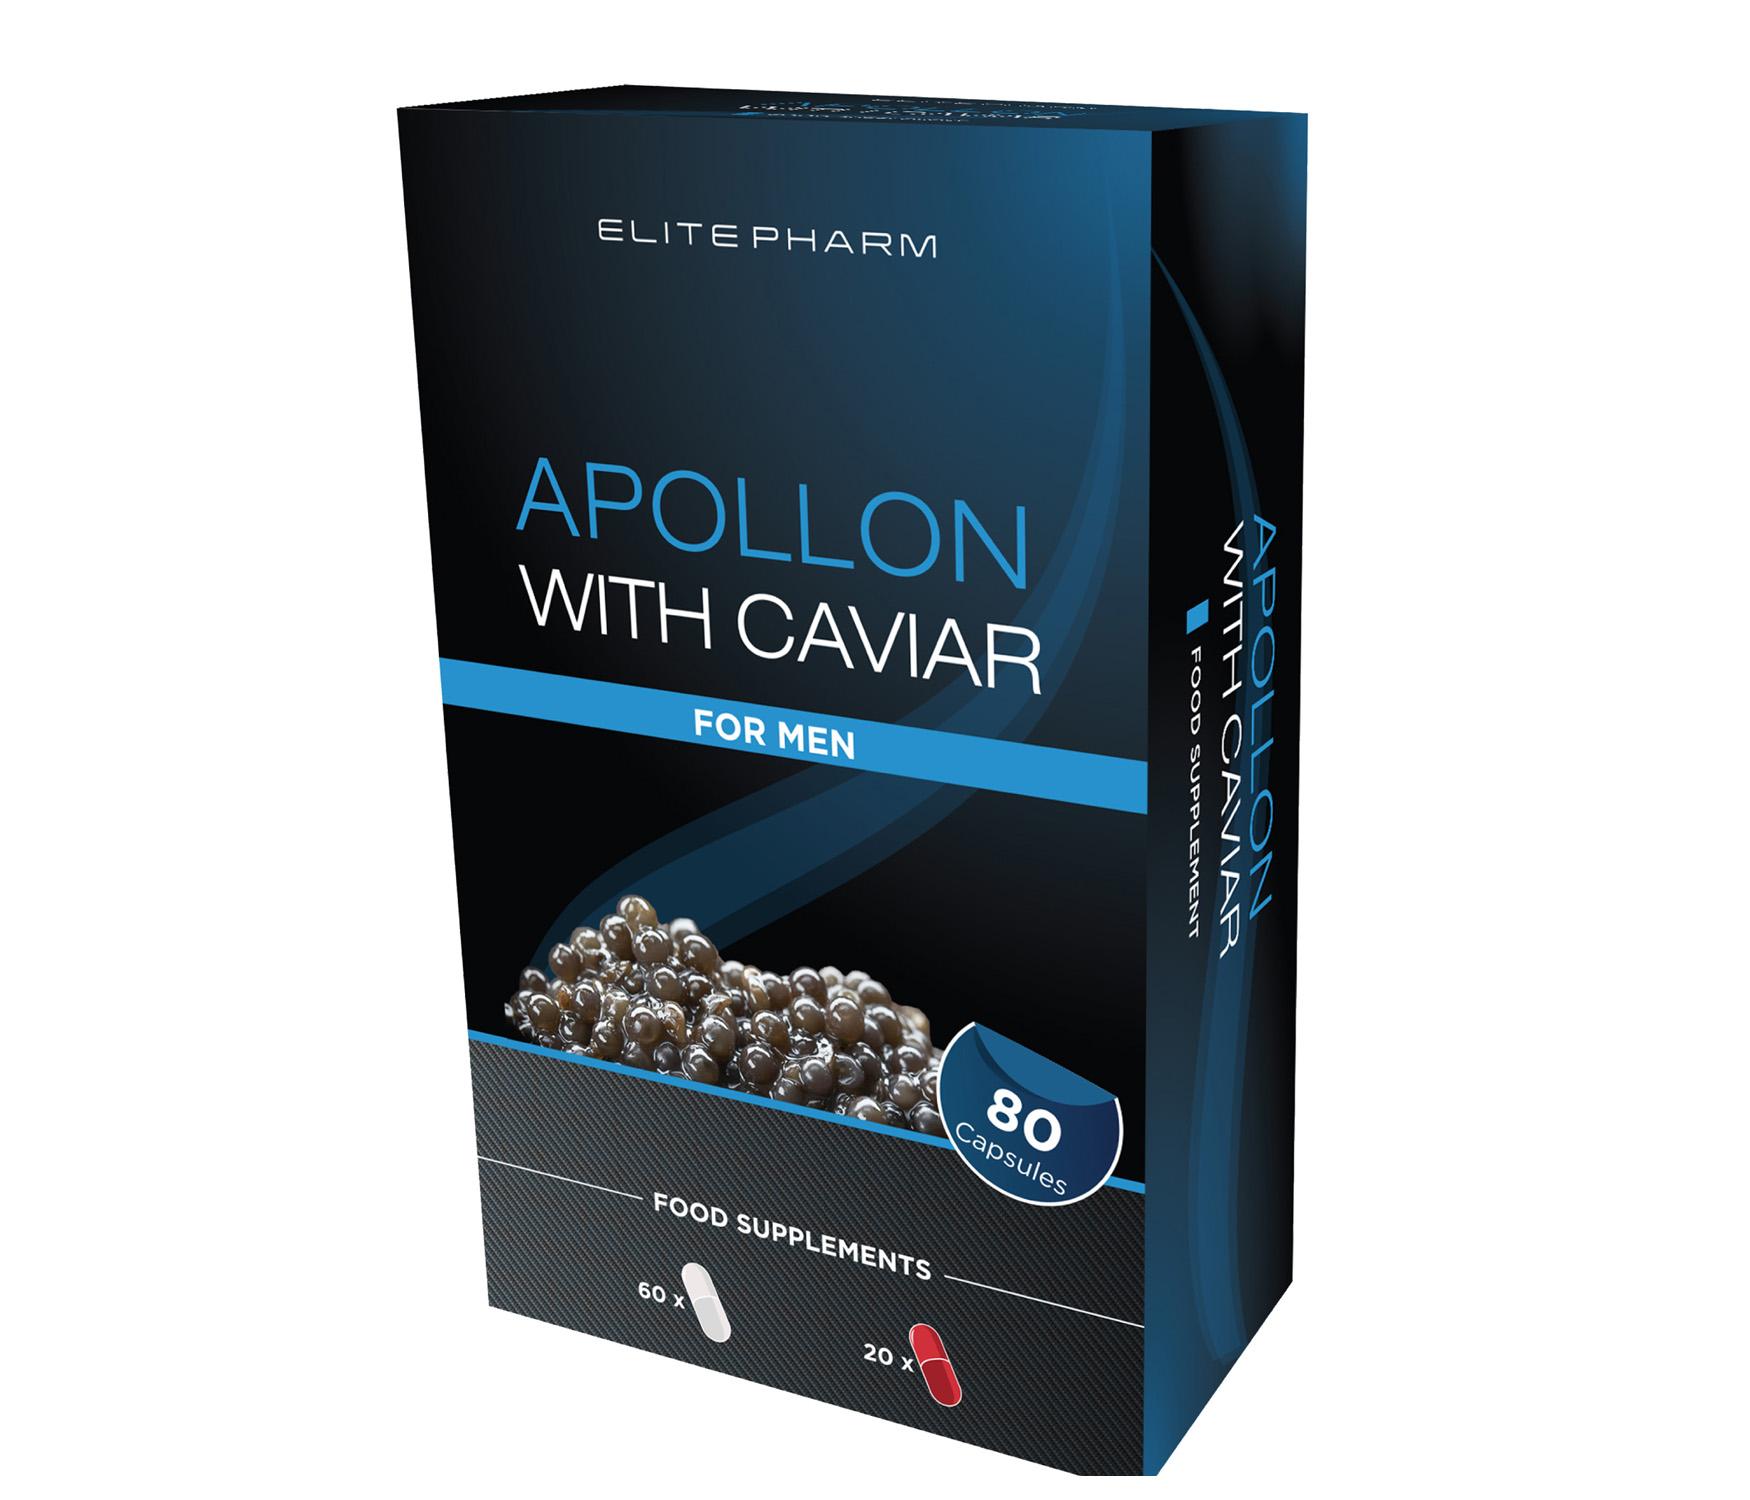 Apollon with caviar for men